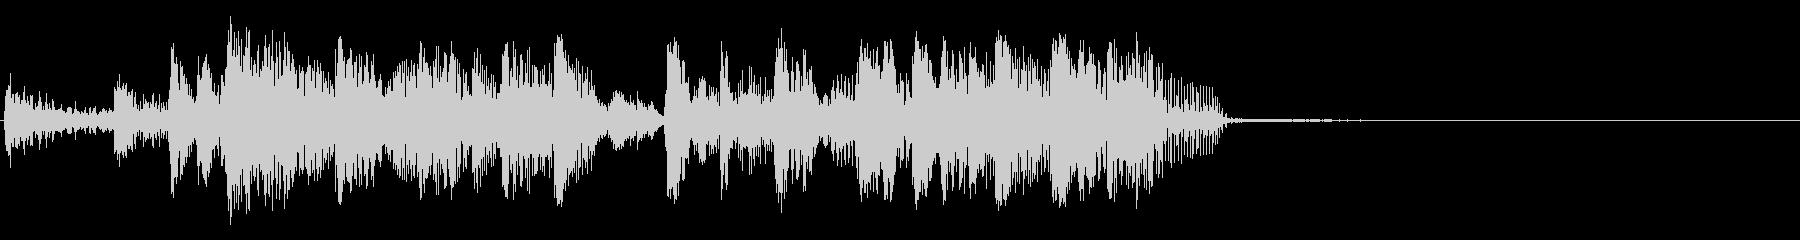 クールな代替ロックテーマの未再生の波形